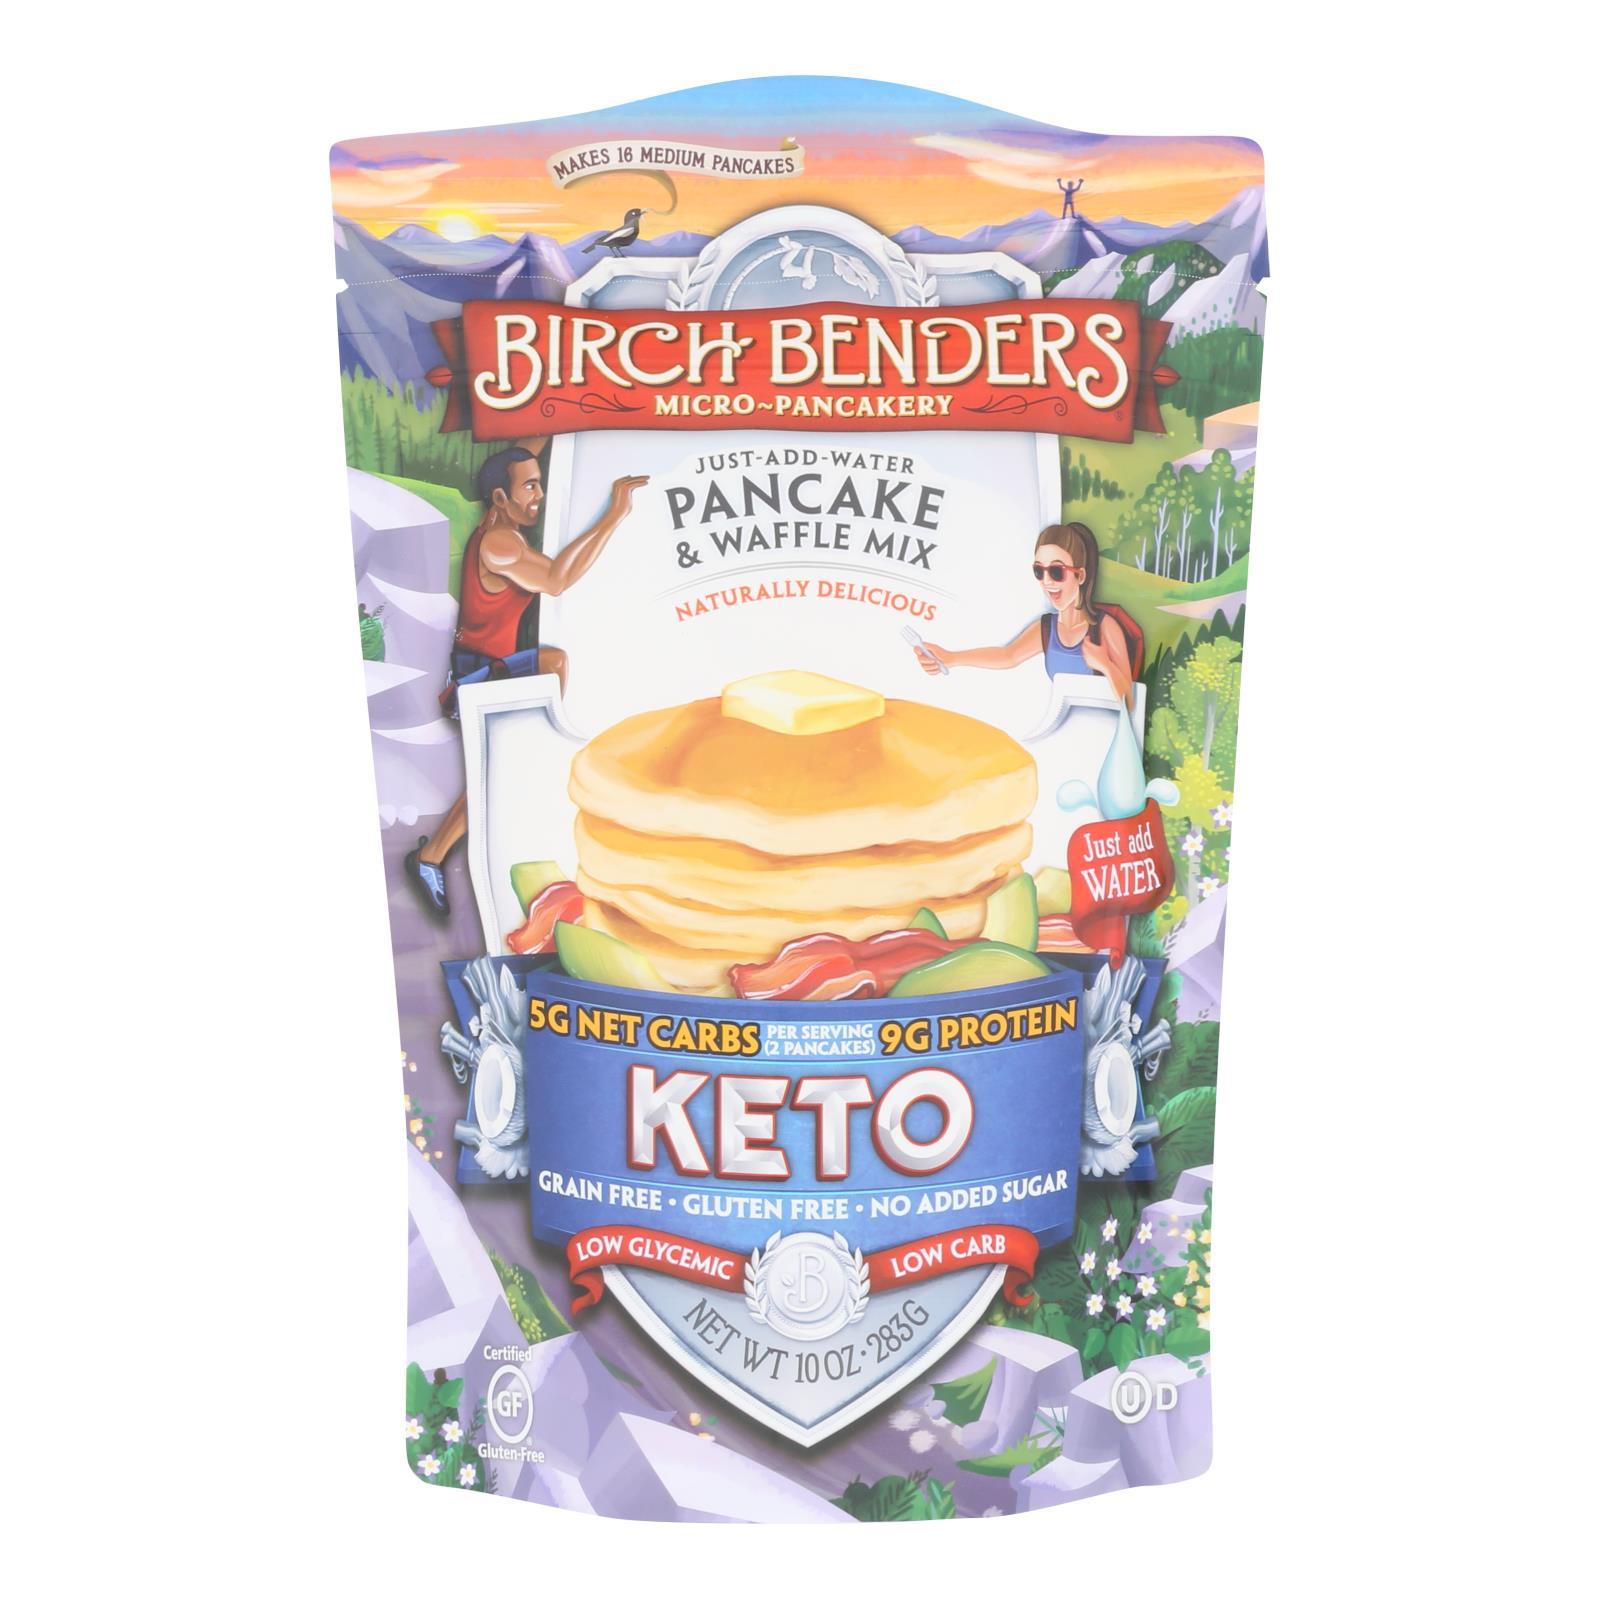 Birch Benders - Pancake&wffl Mix Keto - Case of 6 - 10 OZ